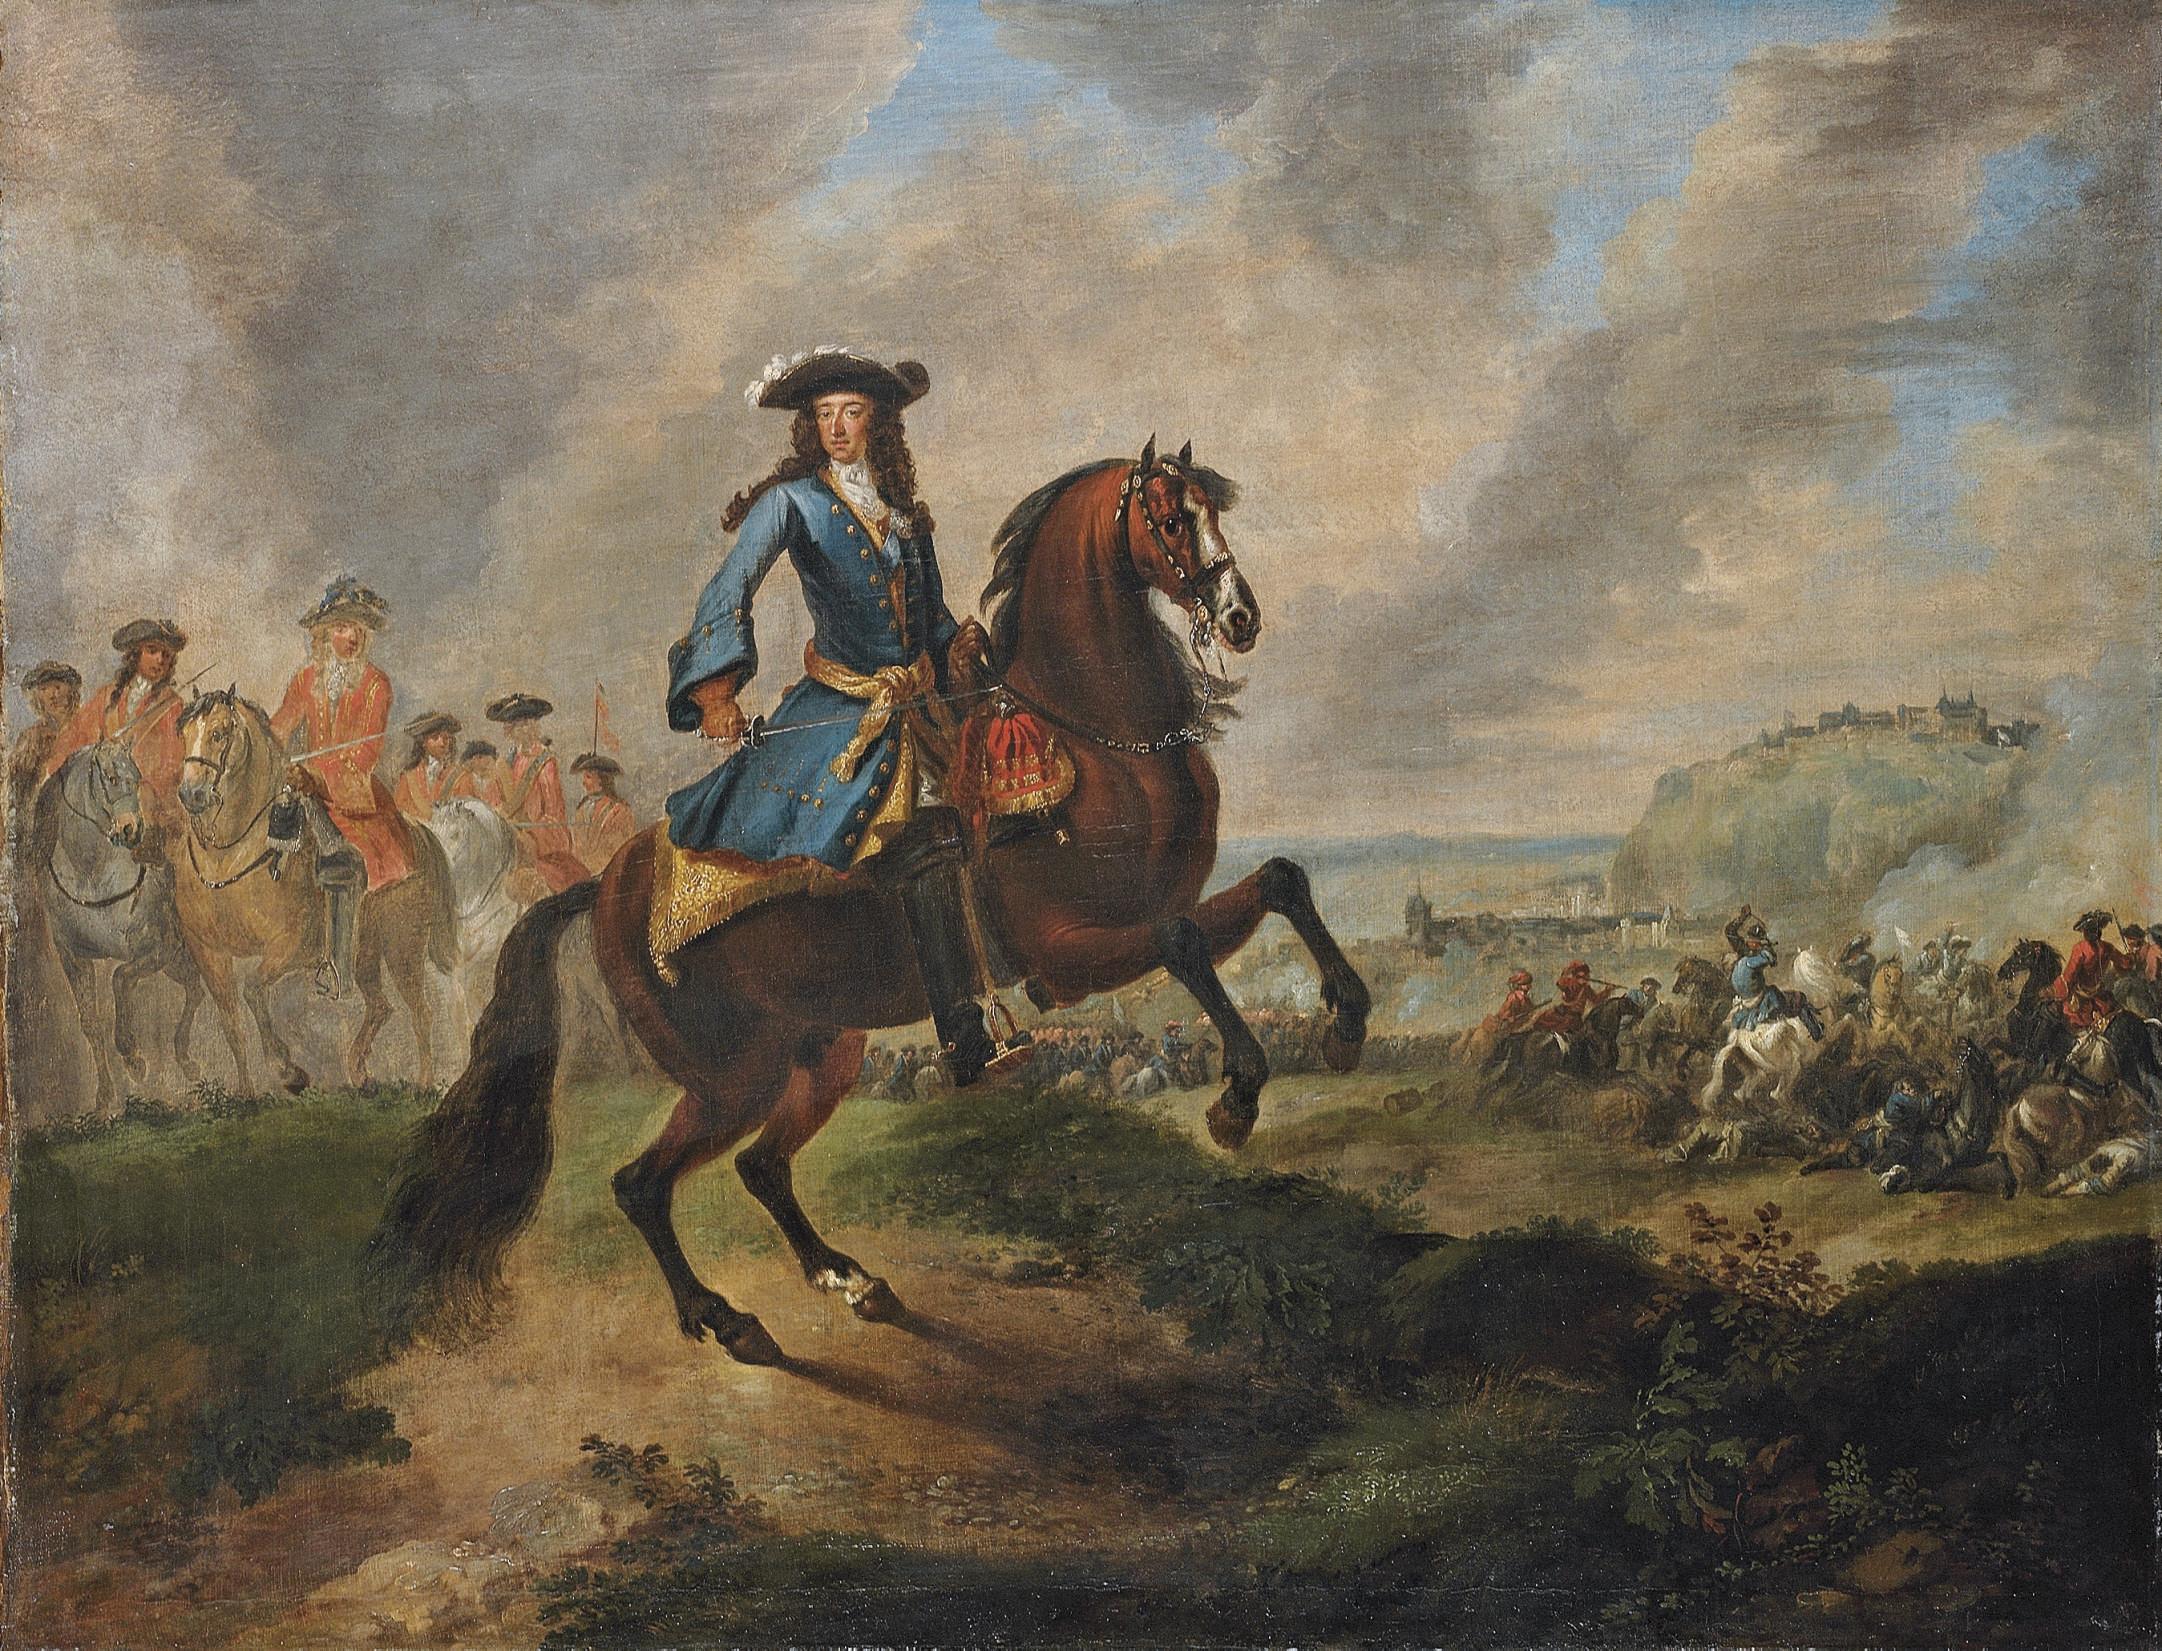 Attributed to Jan Wyck (Haarle